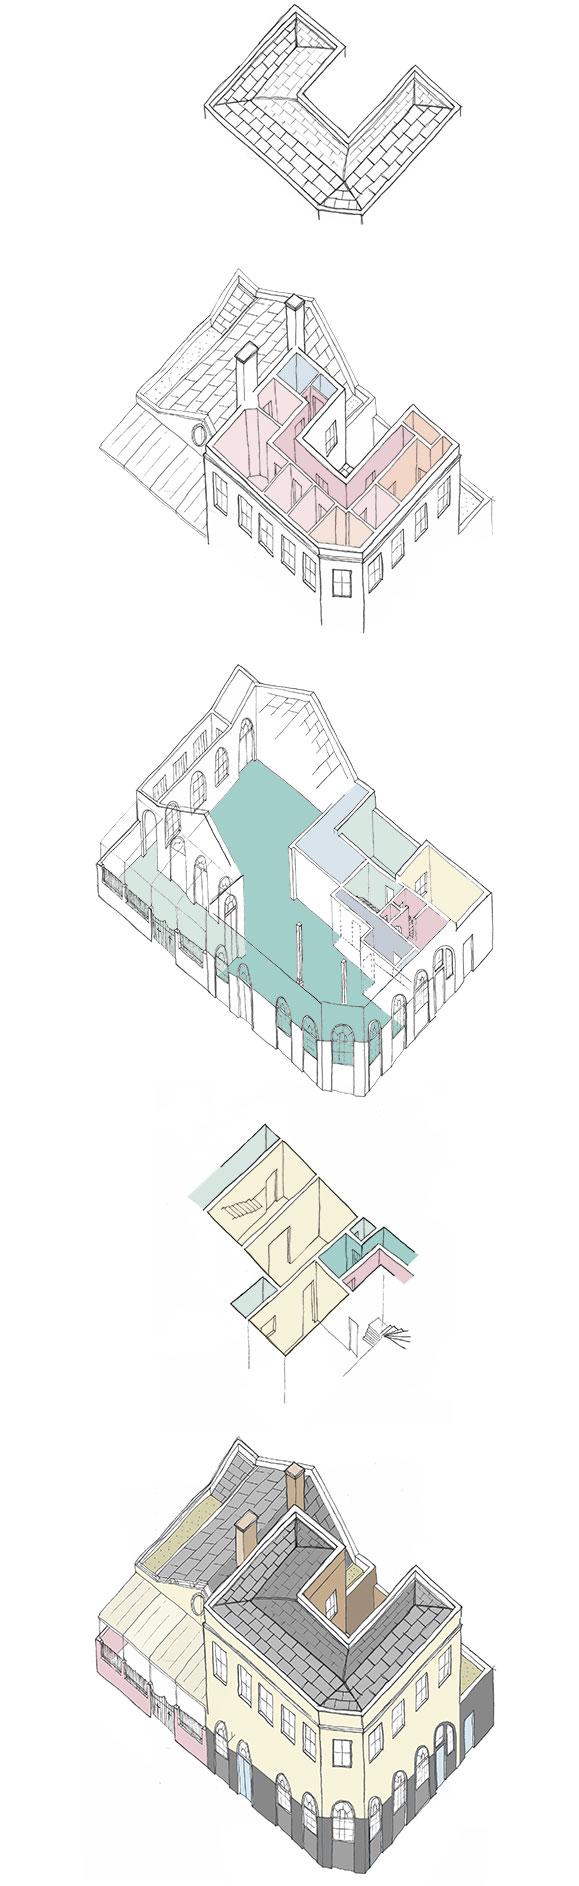 Architecture-London-Design-Freehaus-Civic-St-Michaels-Community-Centre-9.jpg